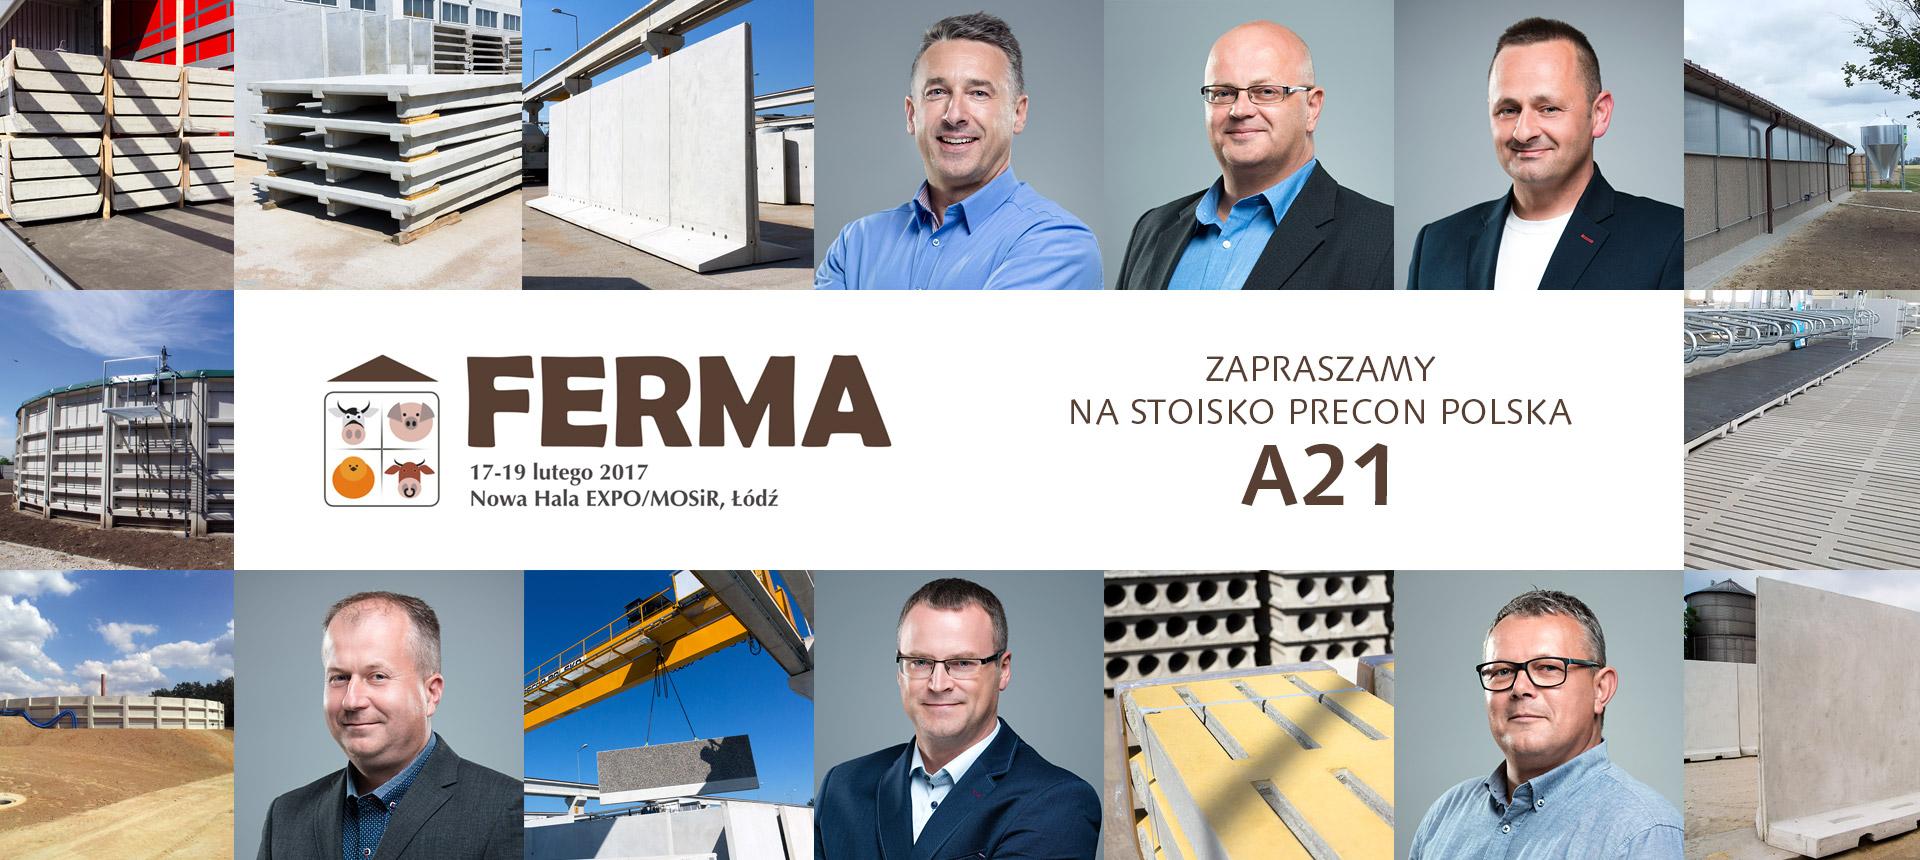 Ferma Bydła Targi Łódź Hala Expo 2017 Precon Polska Stoisko A21